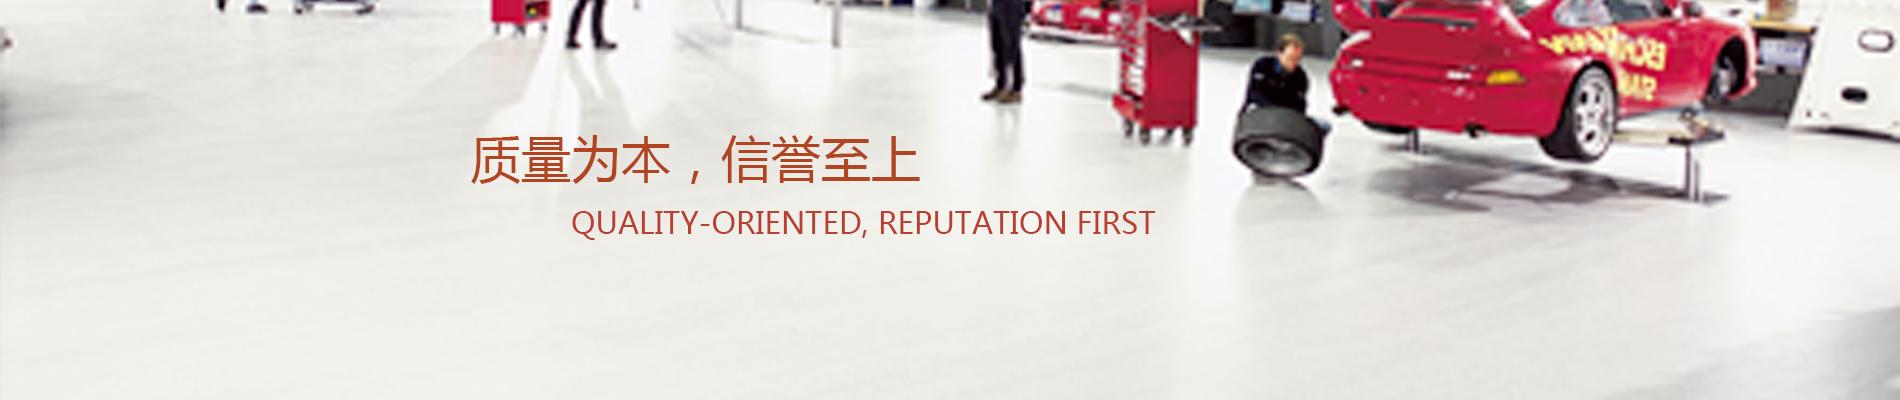 郑州市昇佳林装饰工程有限公司